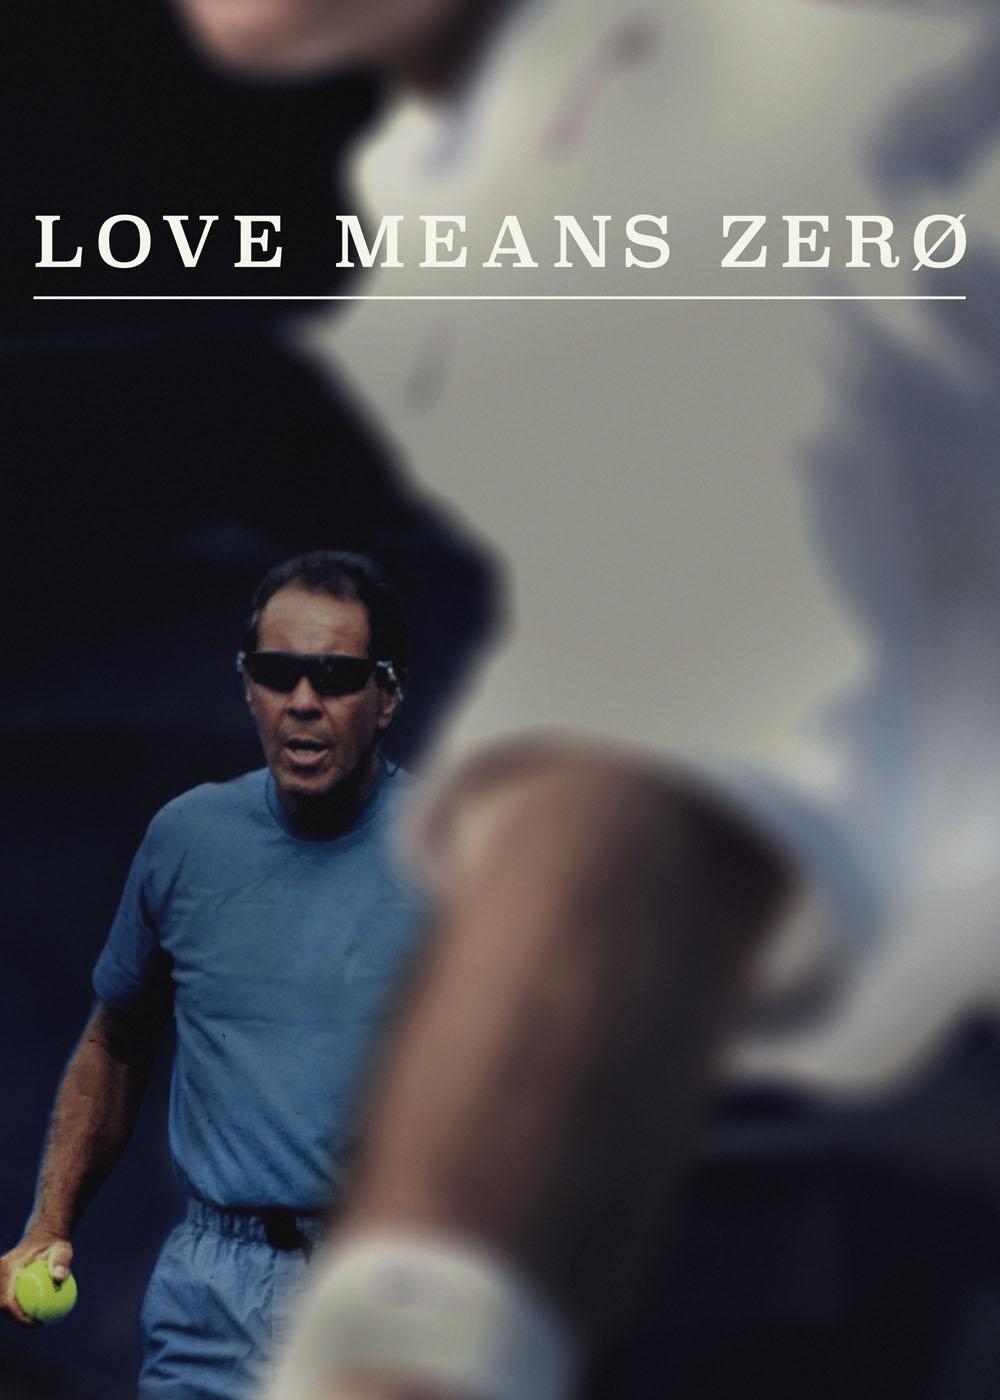 Love Means Zero